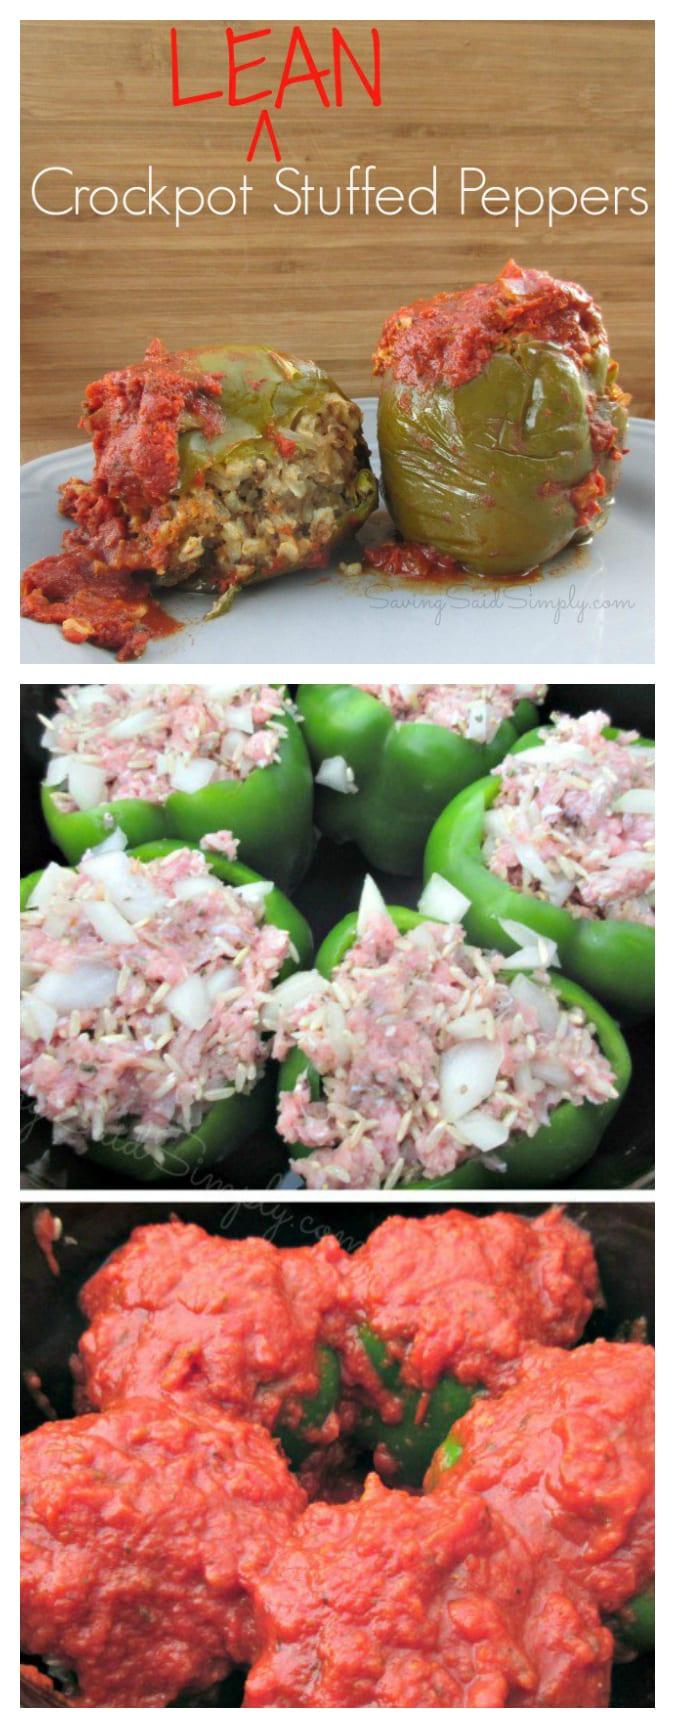 Crockpot stuffed peppers pinterest